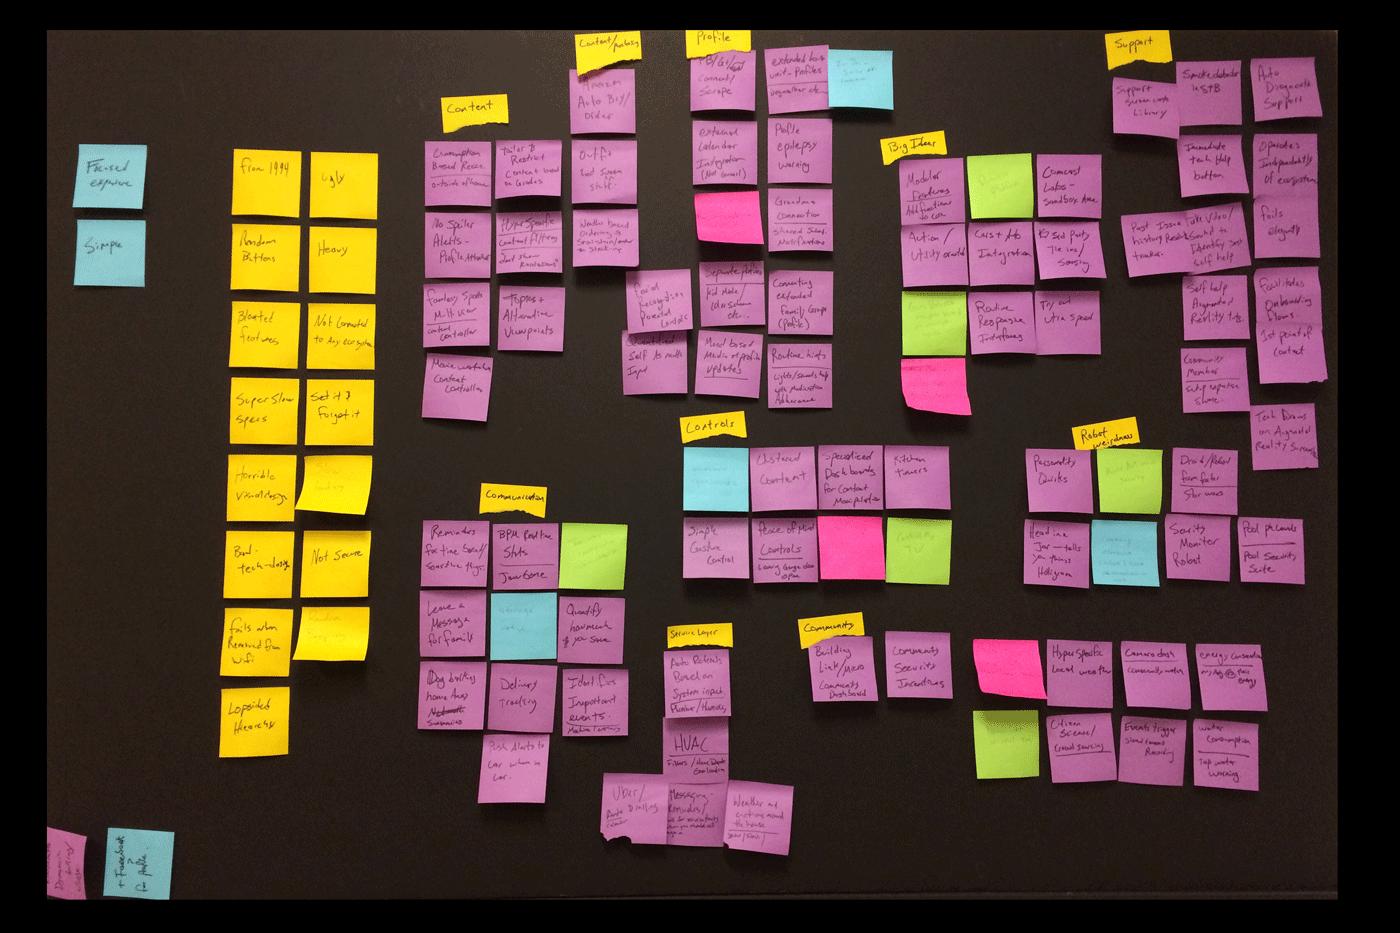 tablet-brainstorm.png